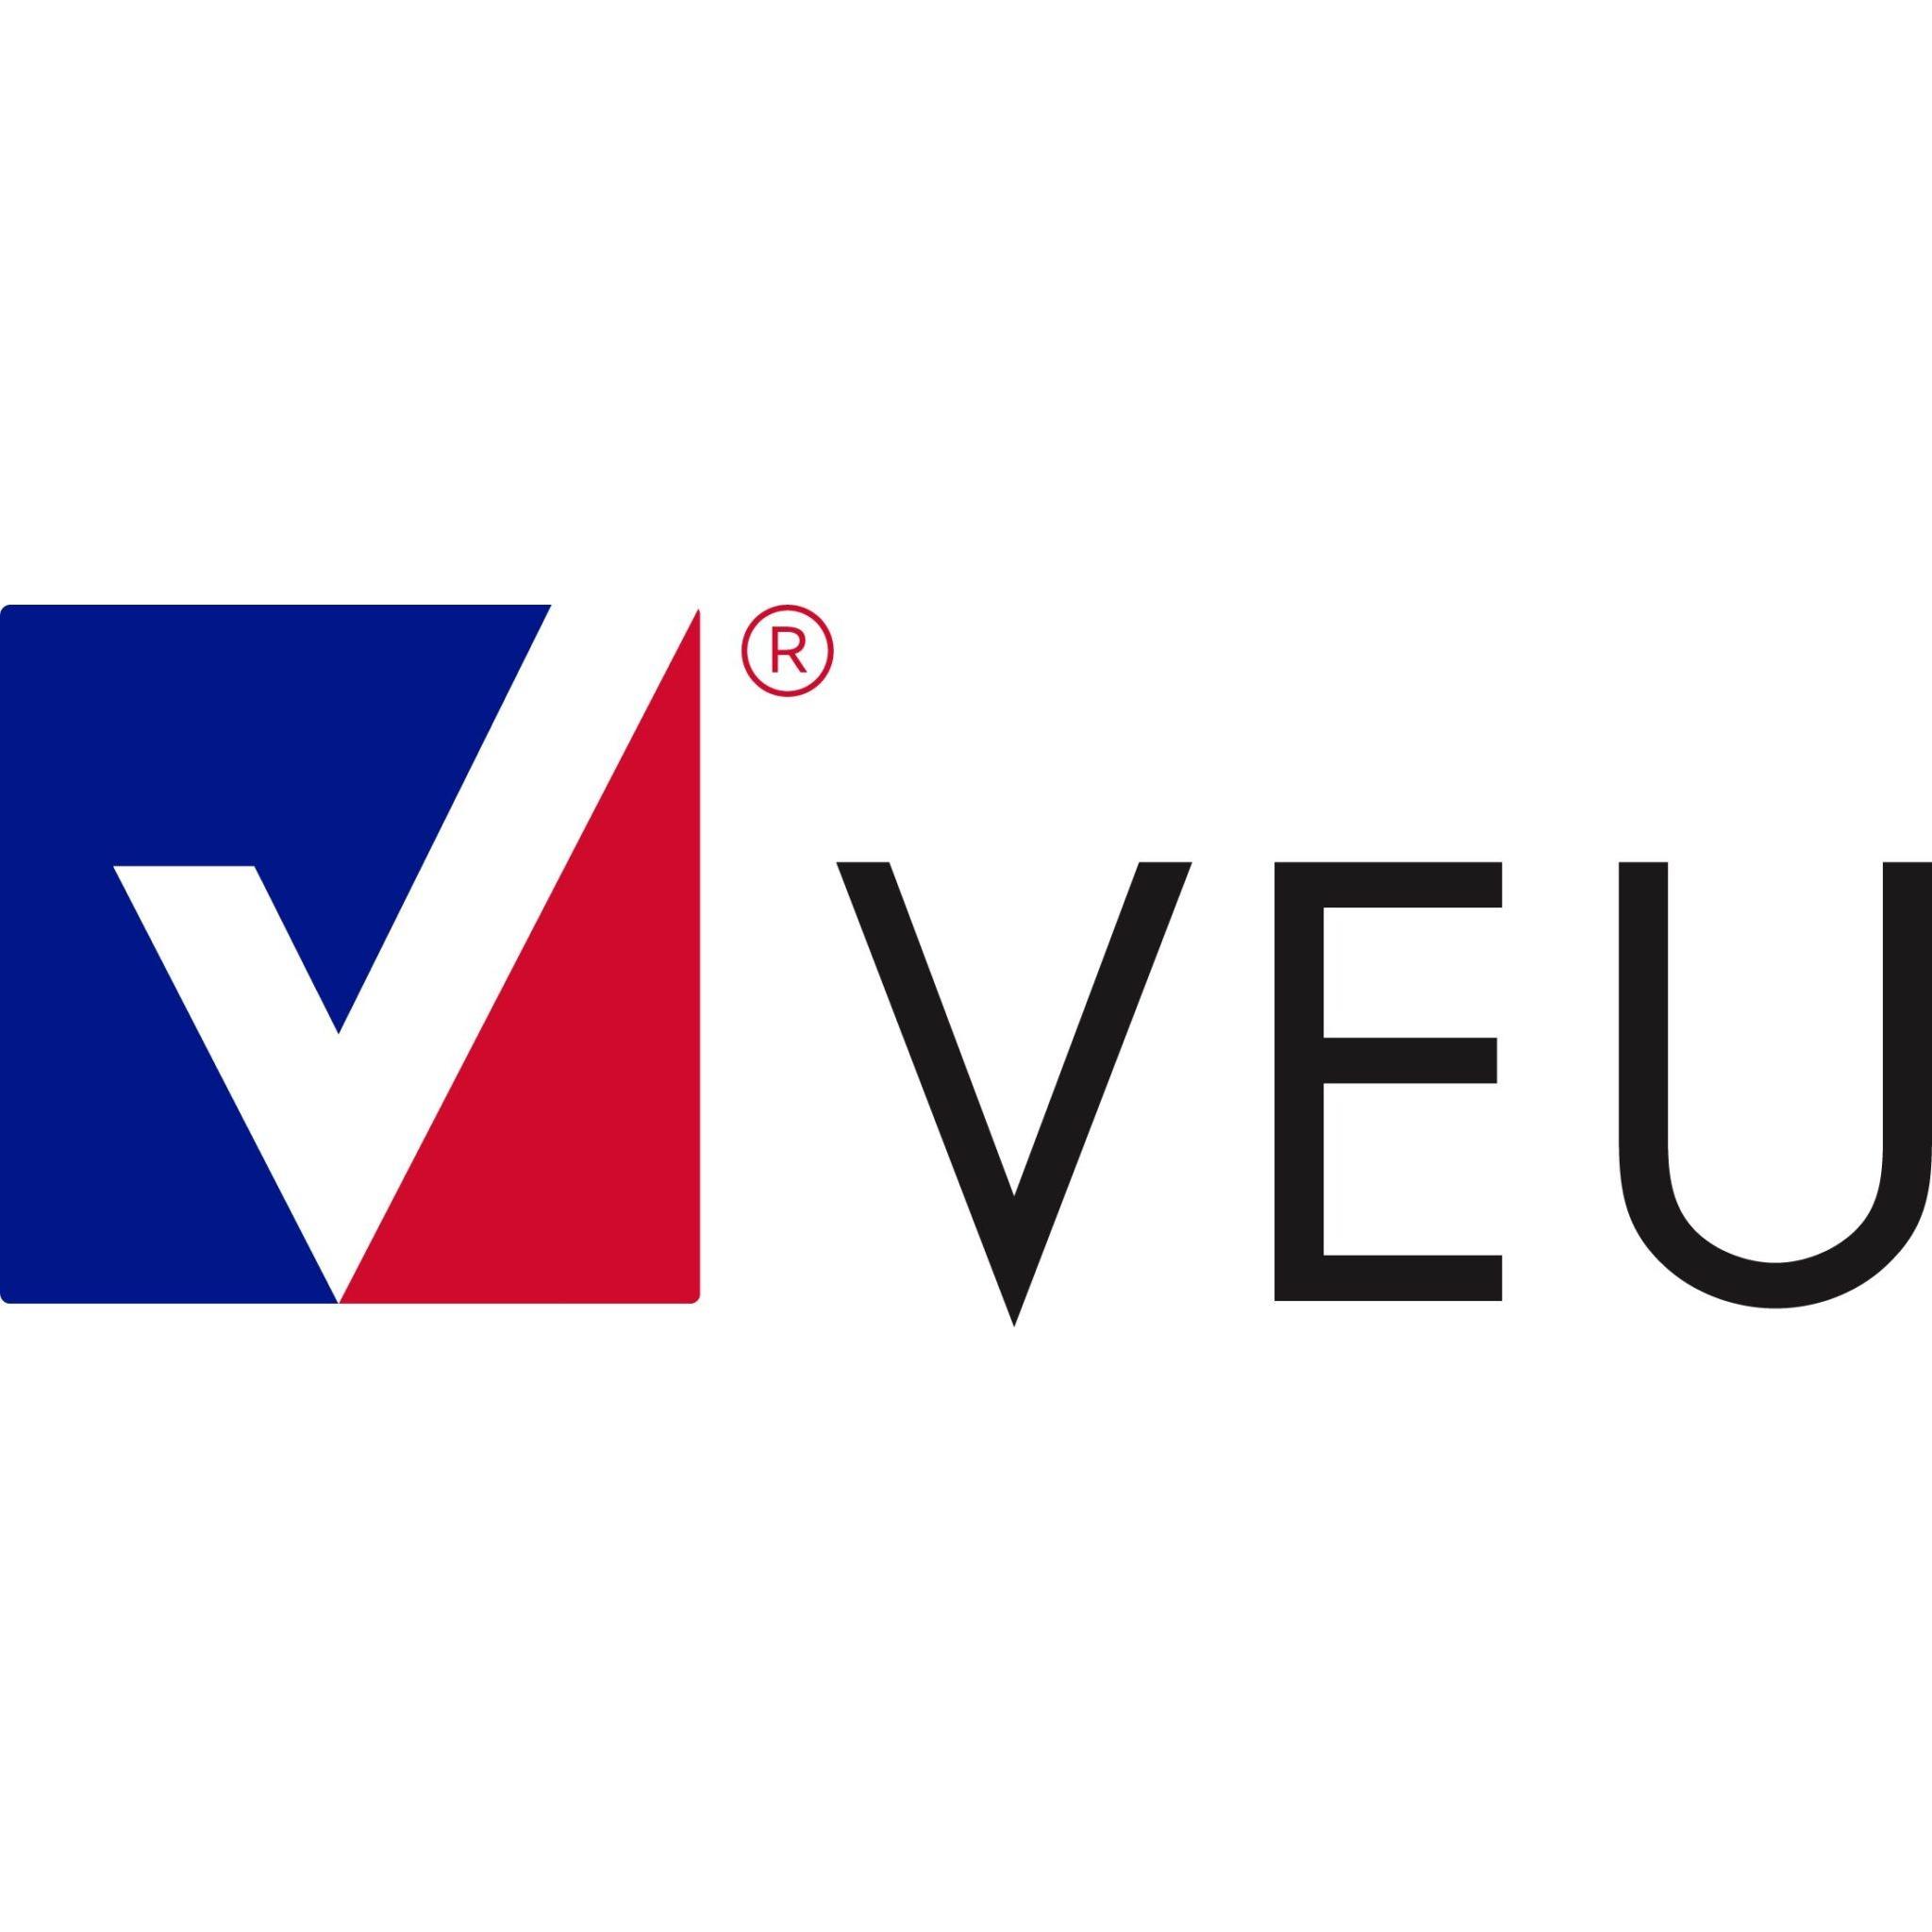 Bild zu VEU Vitusstadt Mönchengladbach - Unternehmernetzwerk - Unternehmergruppe - Unternehmertreffen in Mönchengladbach